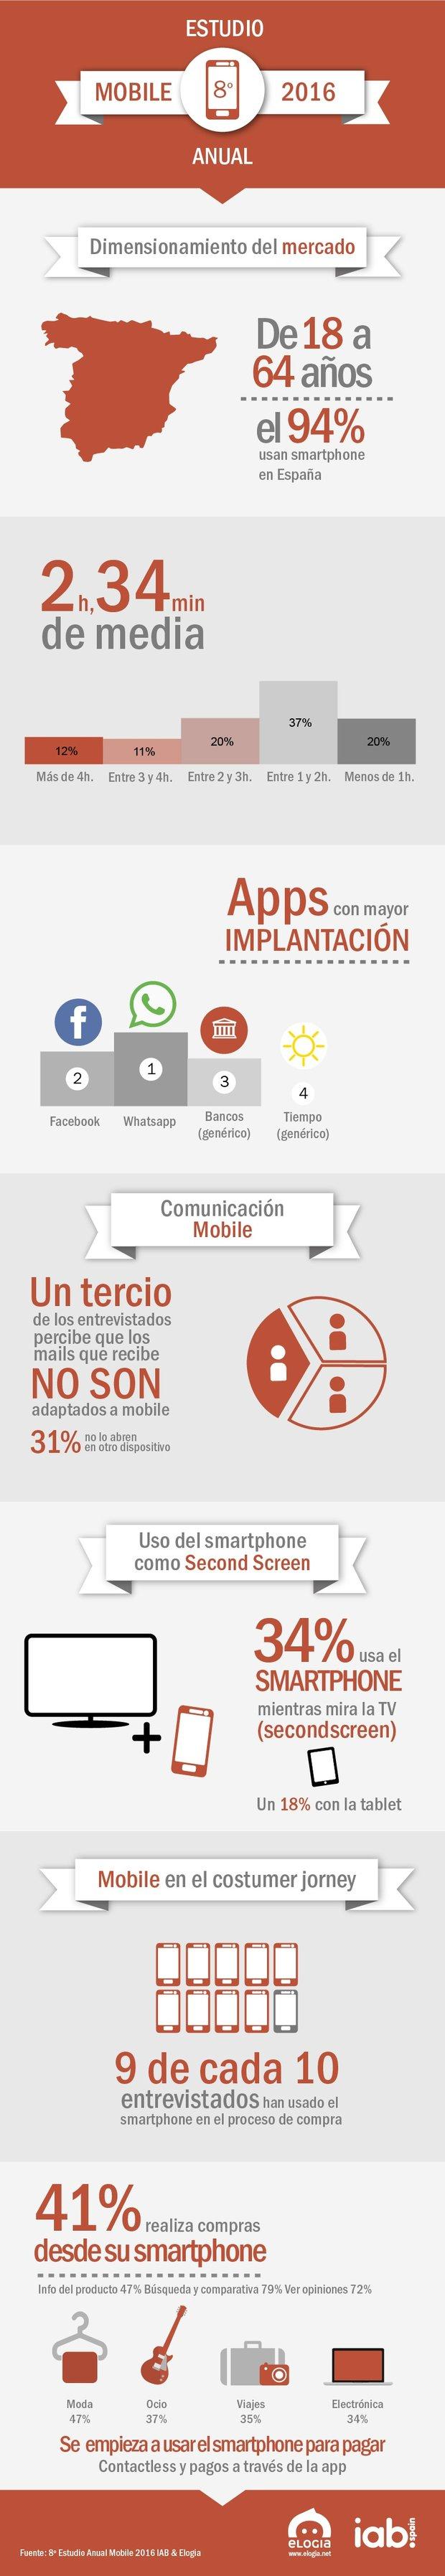 infografia-mobile.jpg